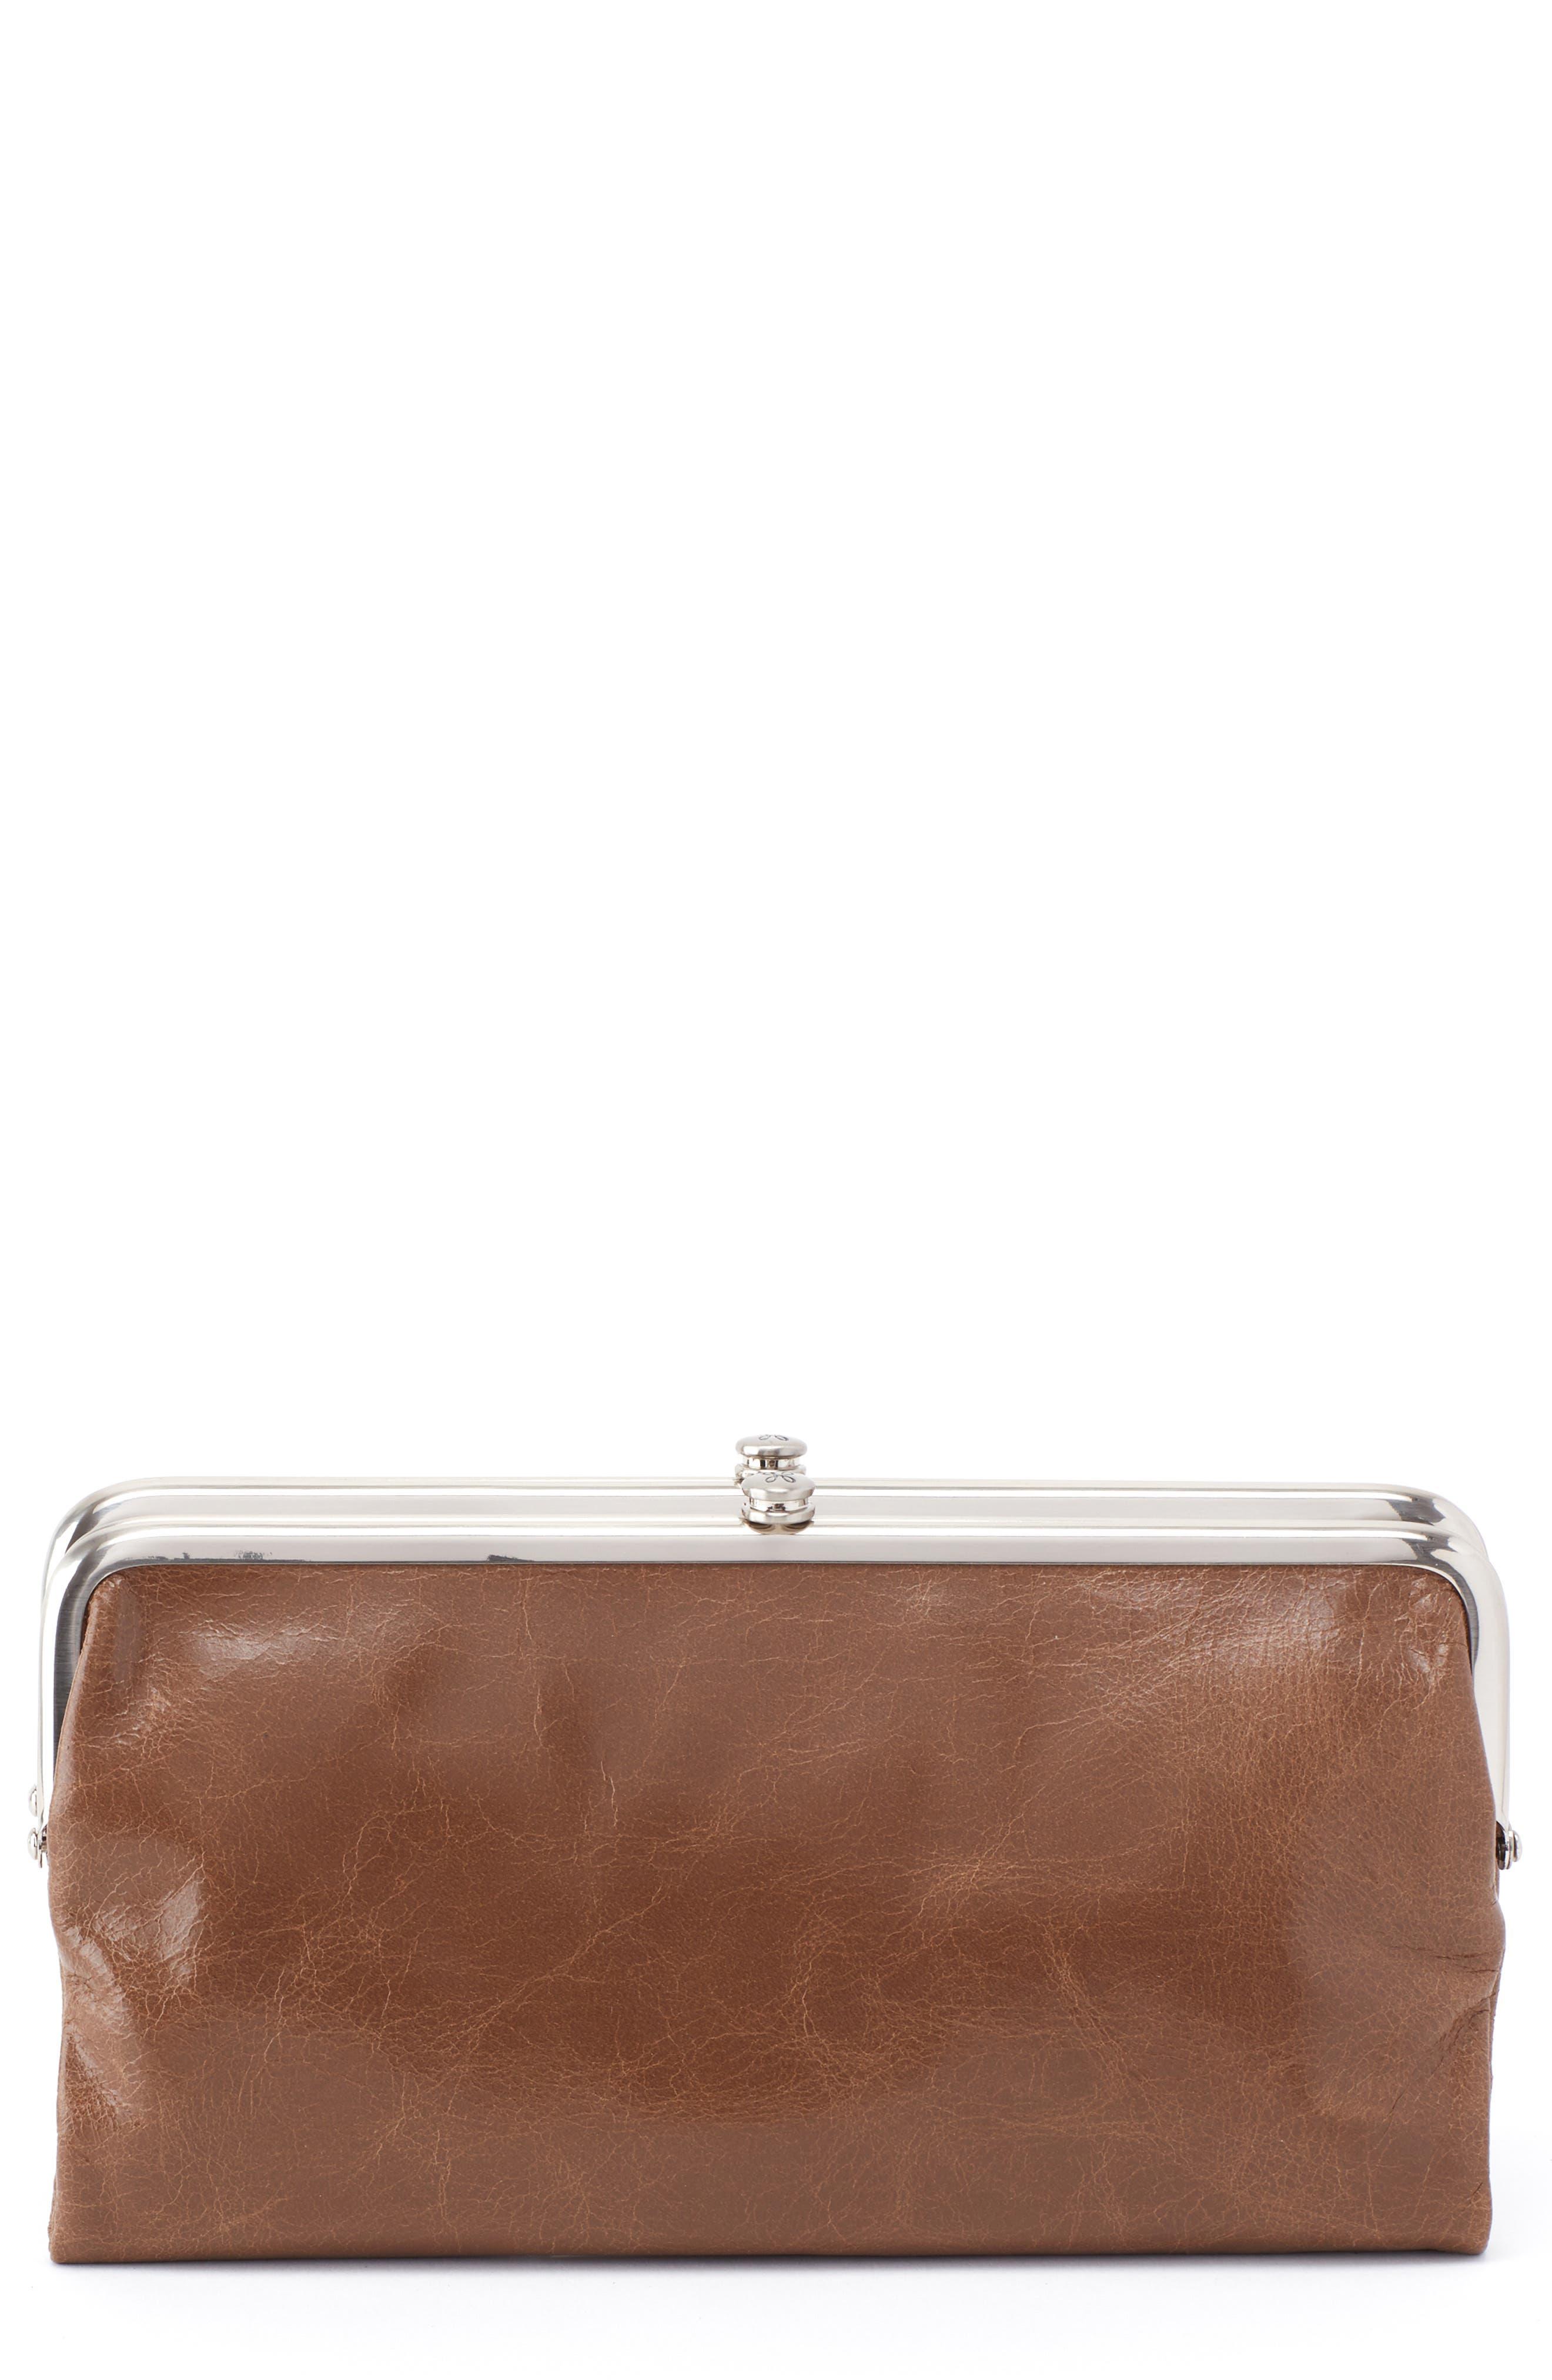 'Lauren' Leather Double Frame Clutch,                         Main,                         color, Mink